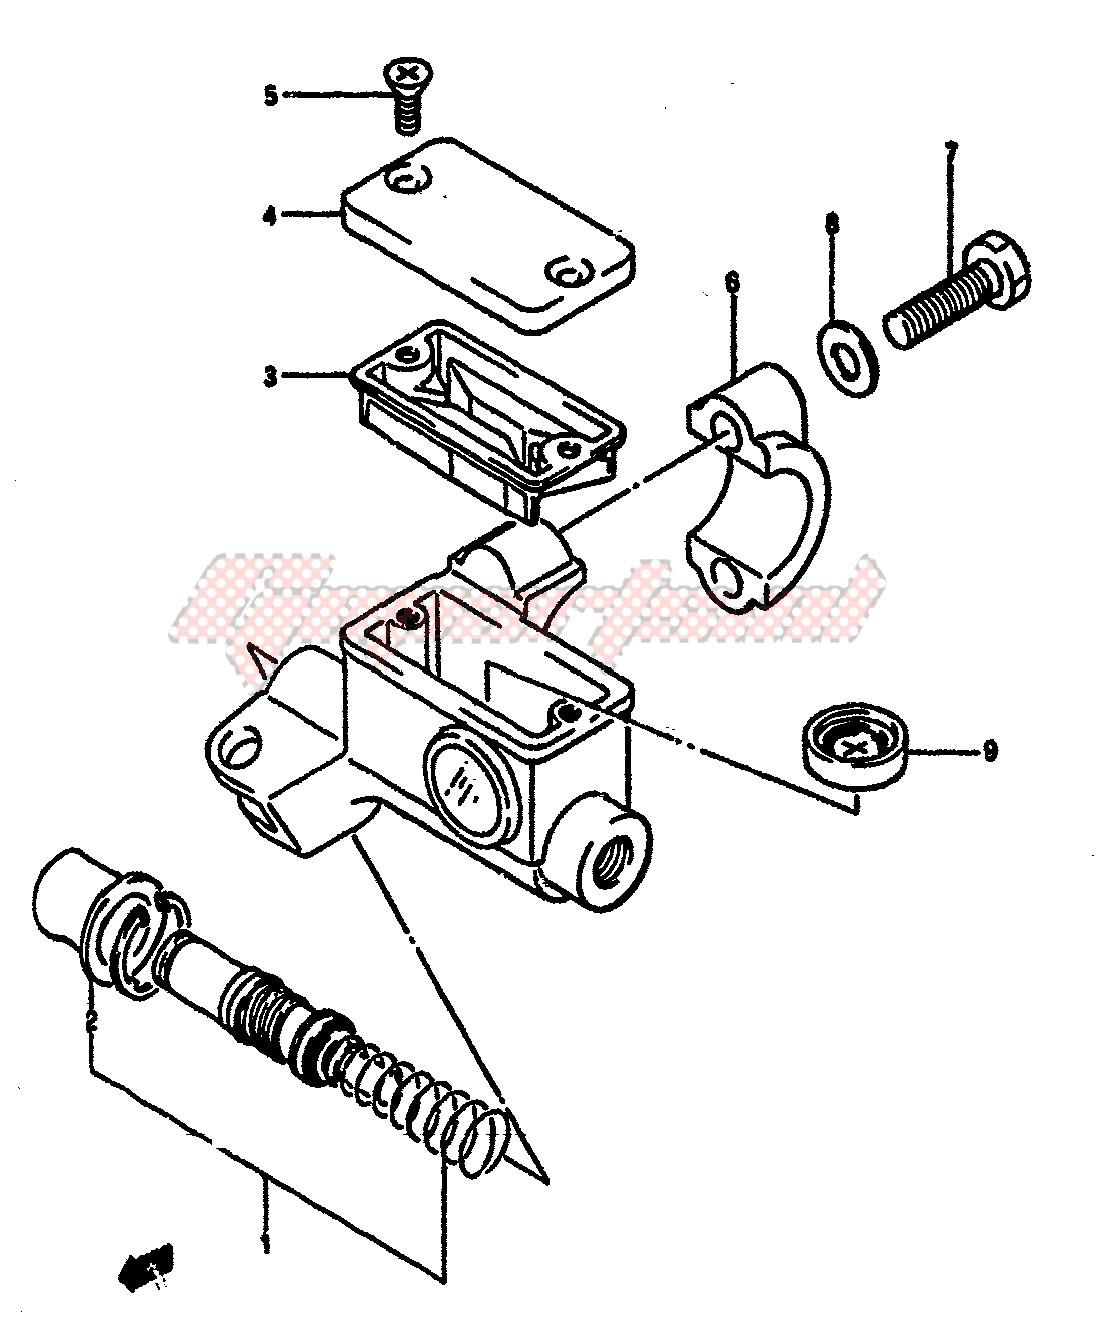 FRONT MASTER CYLINDER (MODEL F) blueprint